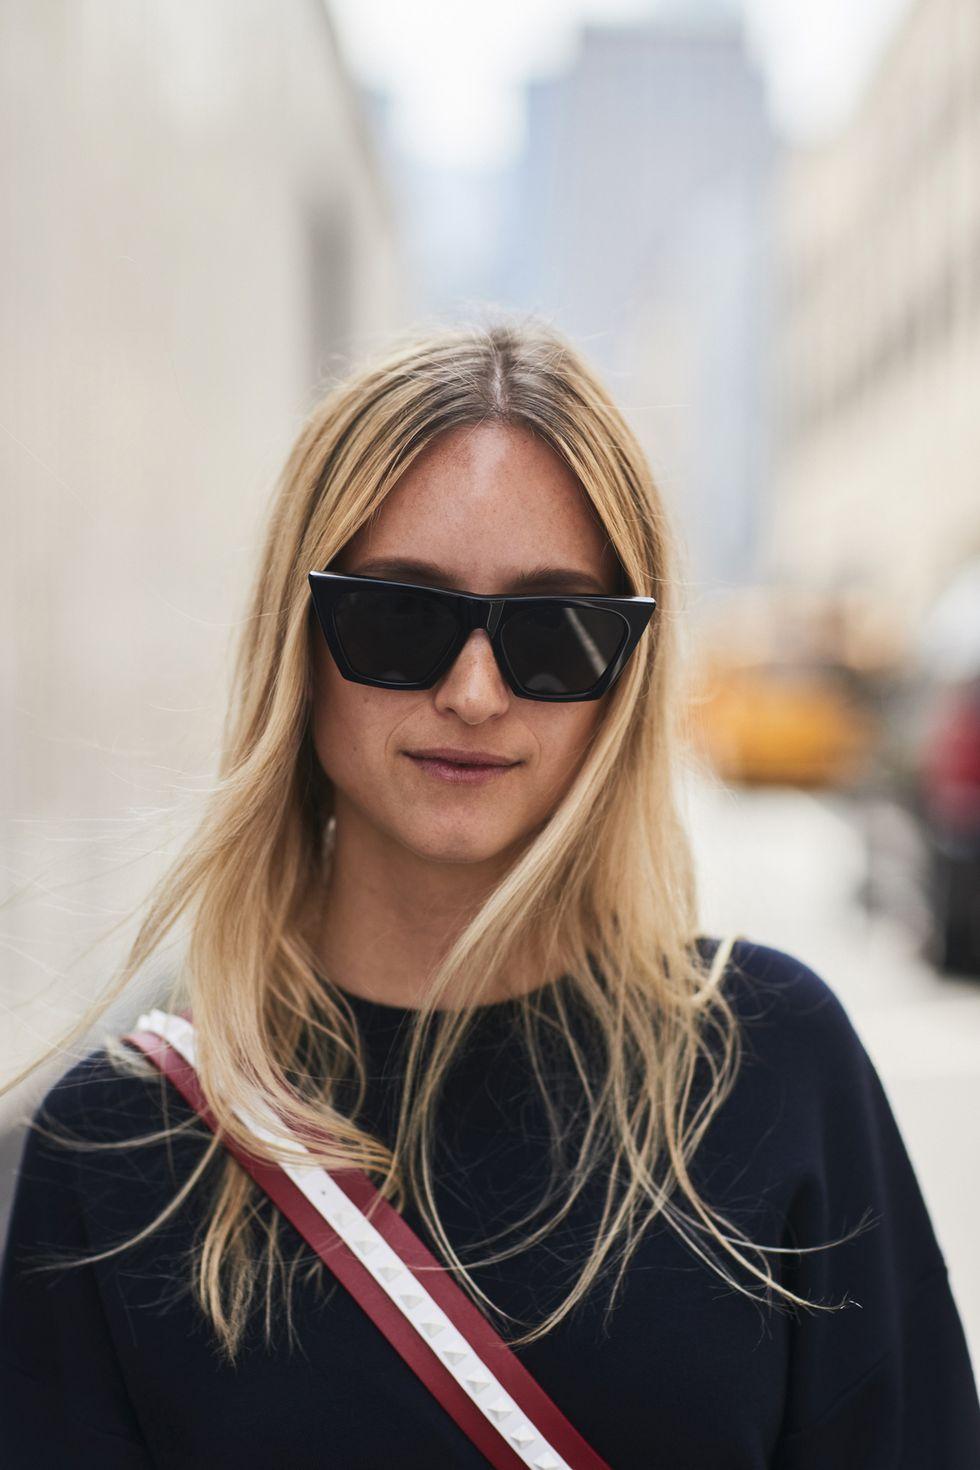 Девушка в черном джемпере и больших солнцезащитных очках